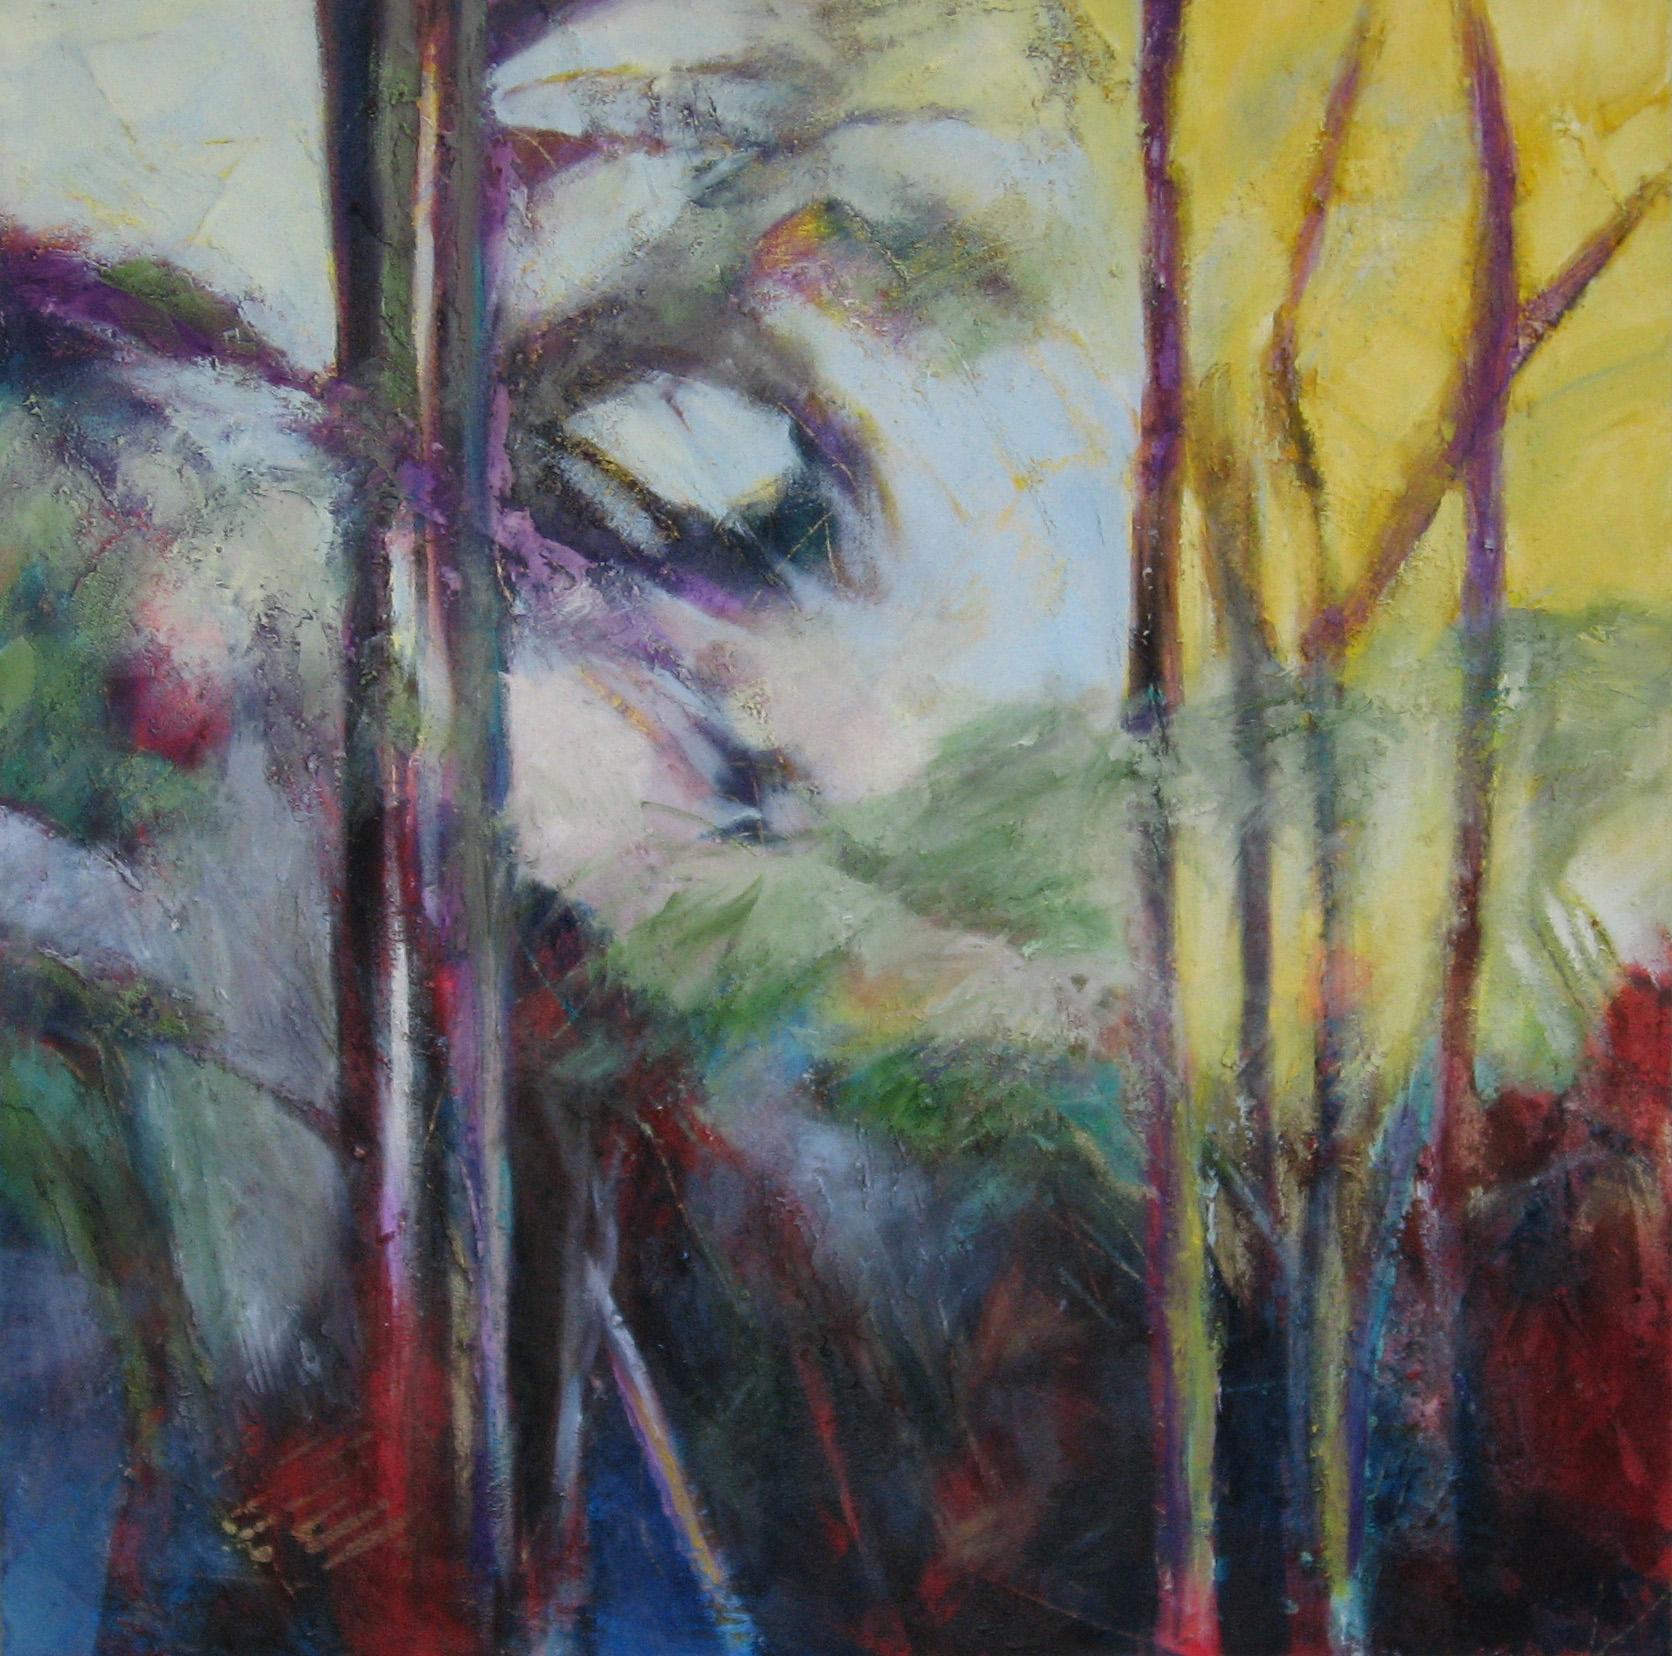 Stanley Park landscape painting